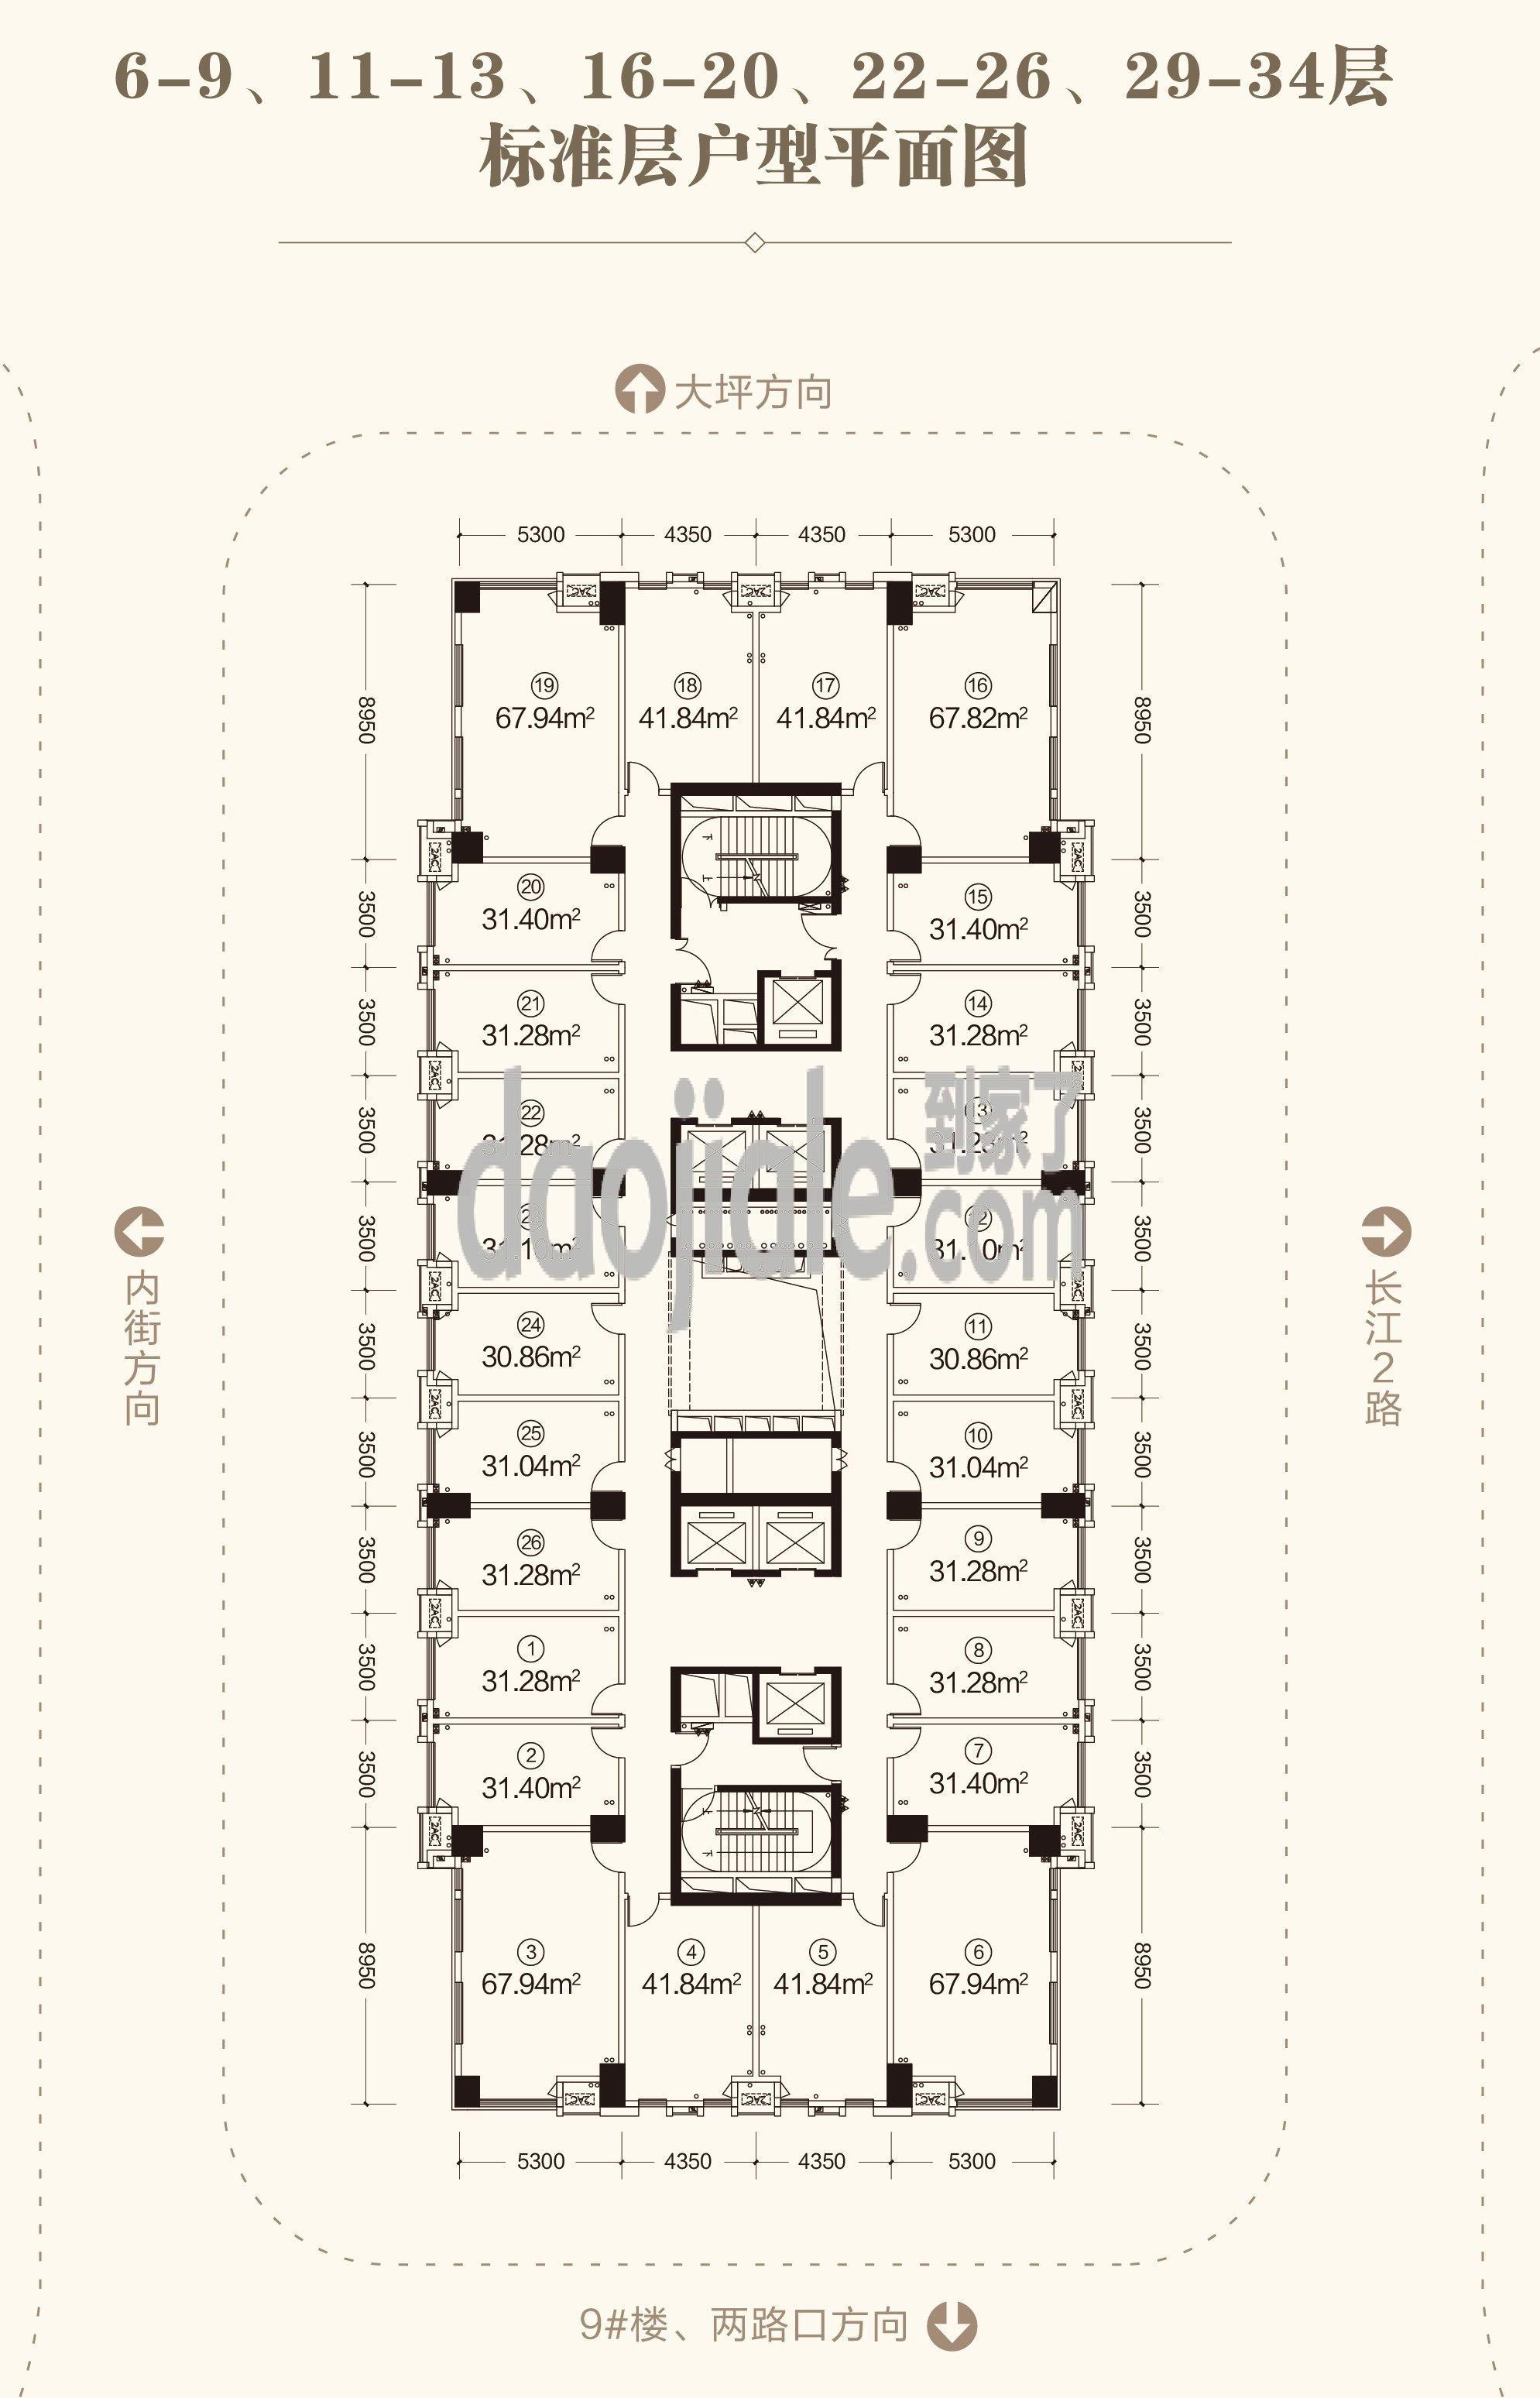 渝中区大坪和泓渝中界新房9号楼13F公寓户型图